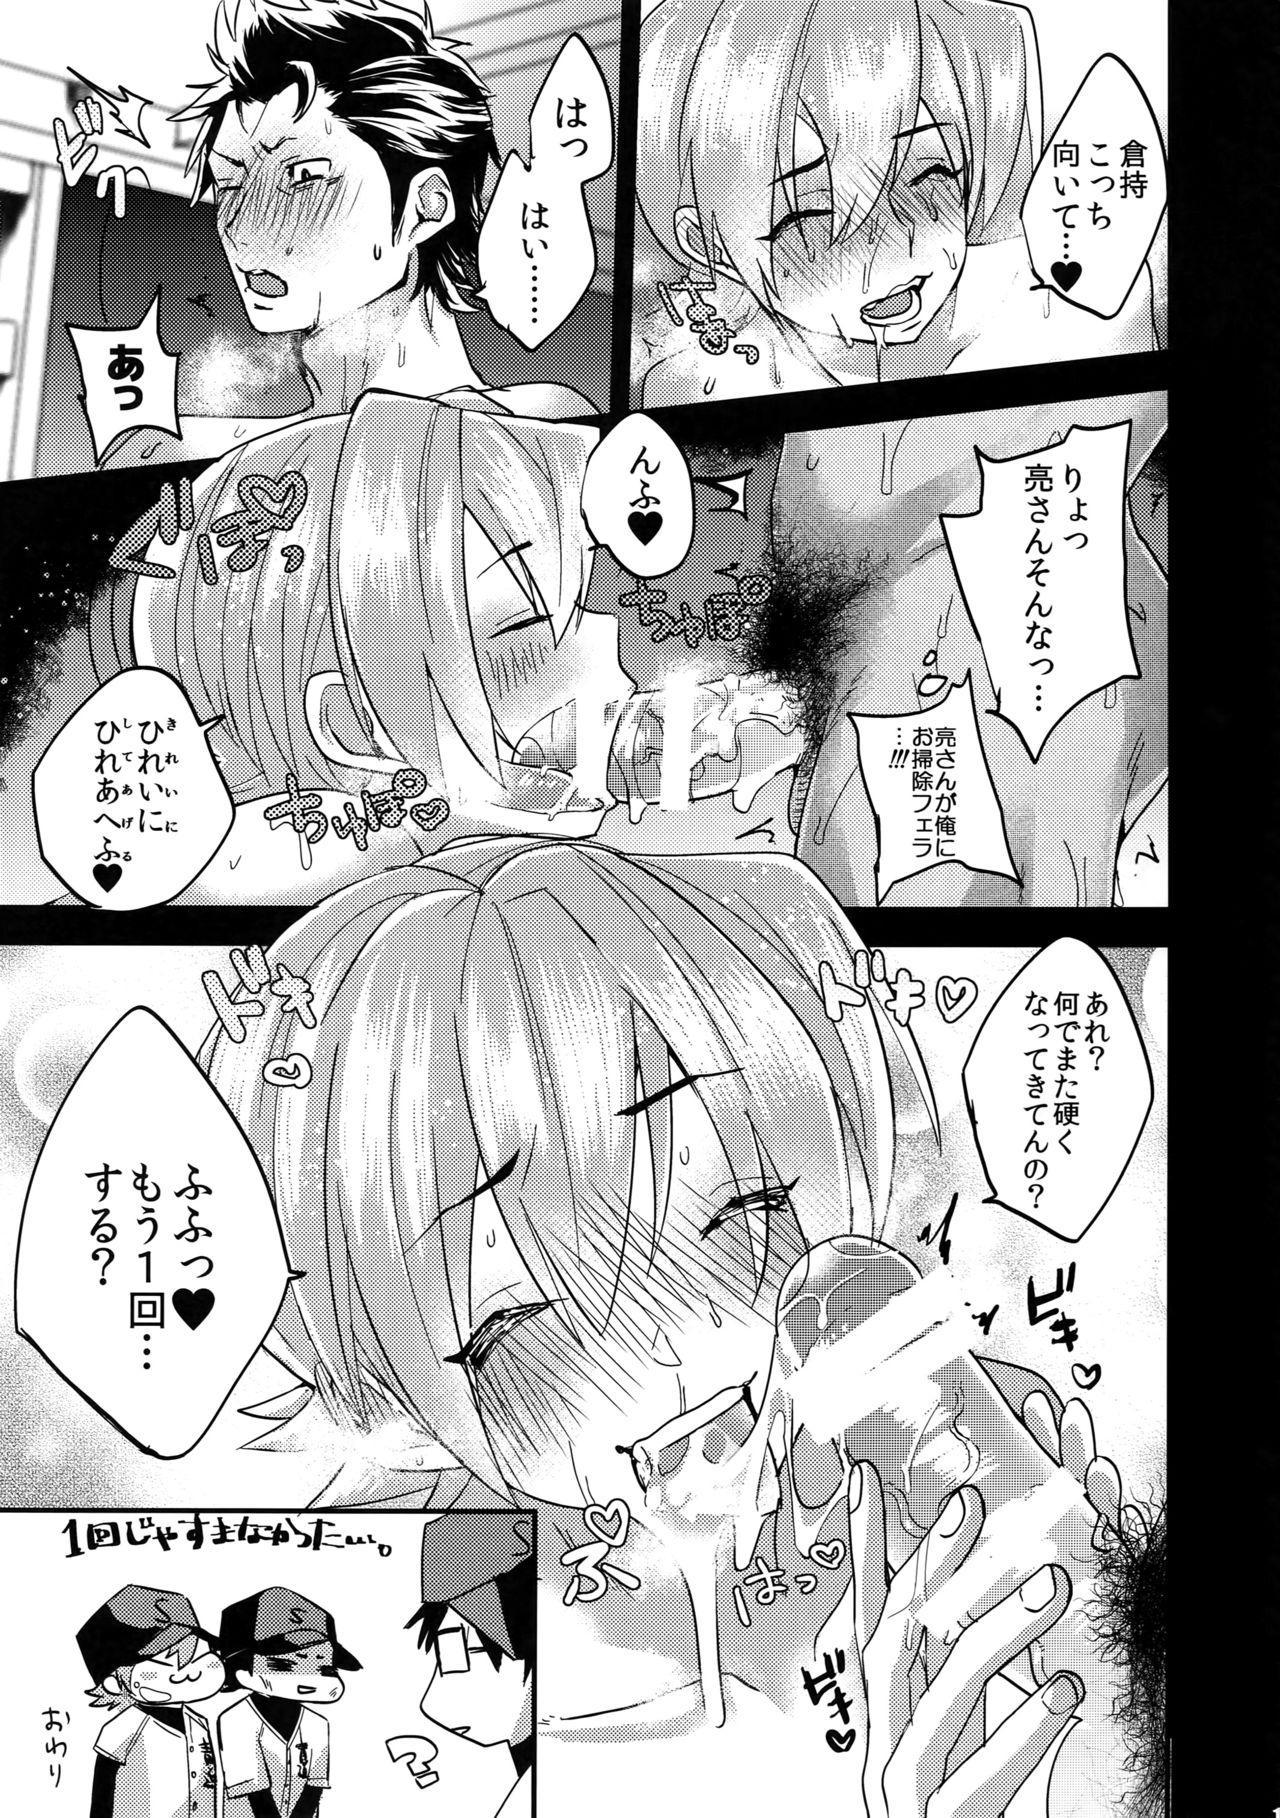 Himitsu no Niyuukan 15